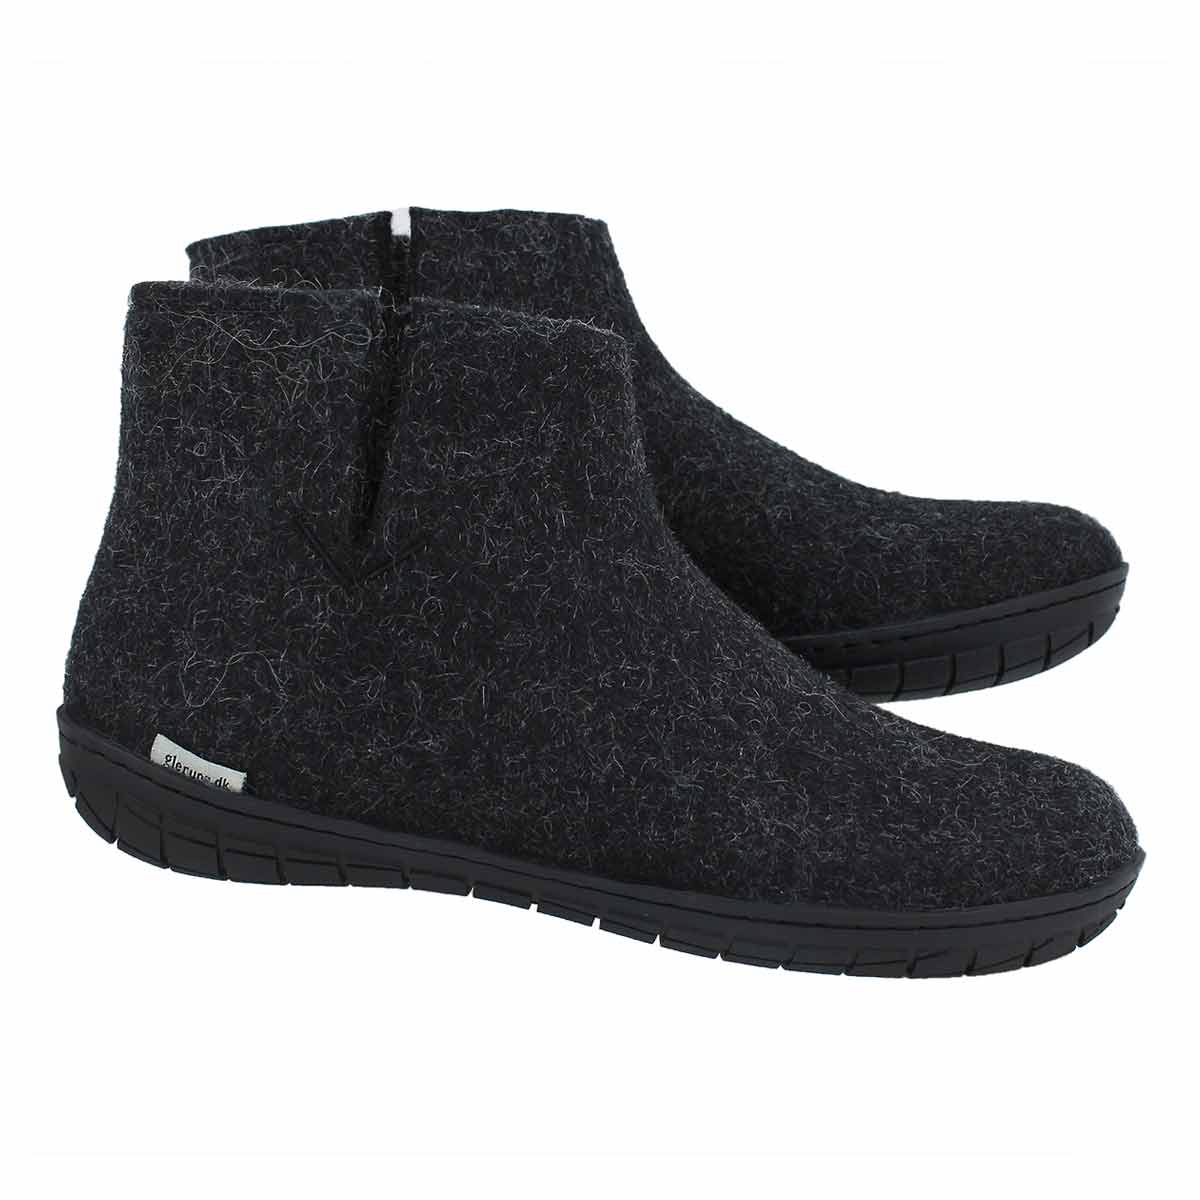 Lds Model GR black slippers